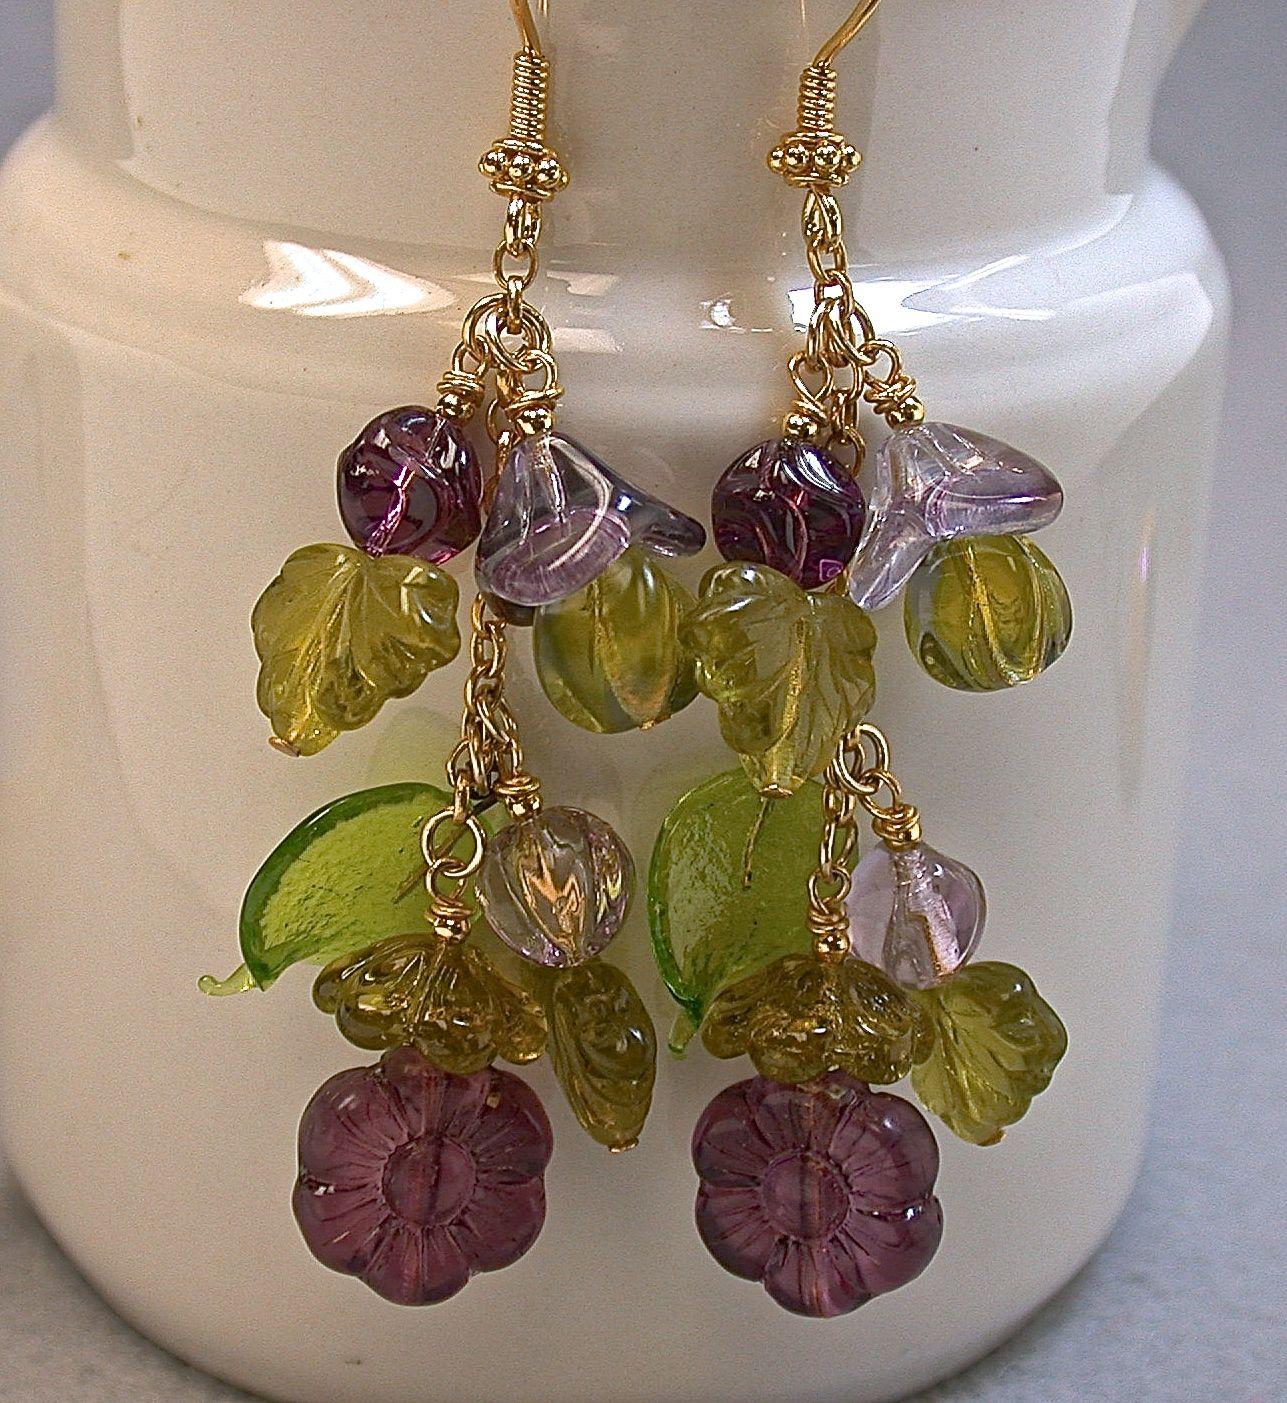 Vintage West German Pressed Glass Bead Earrings